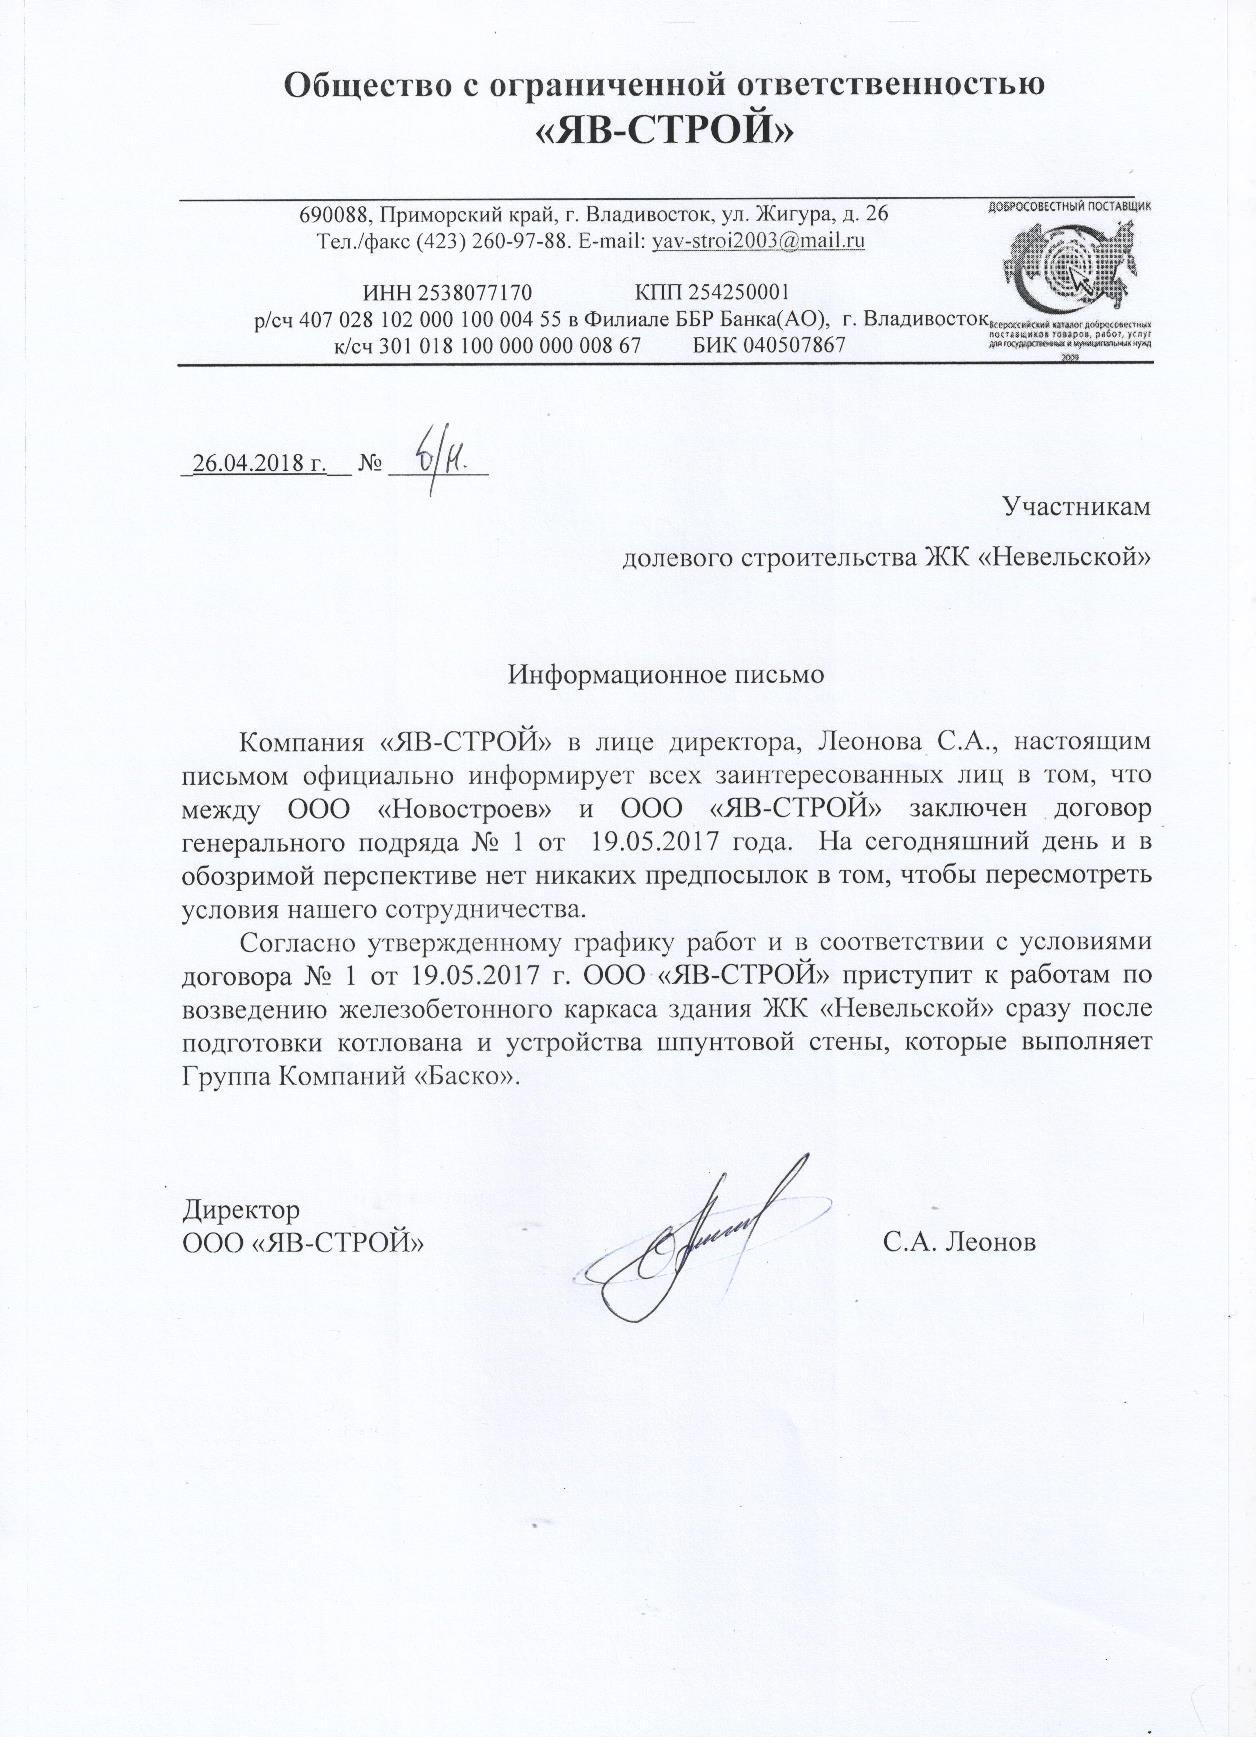 Информационное письмо от генерального подрядчика.